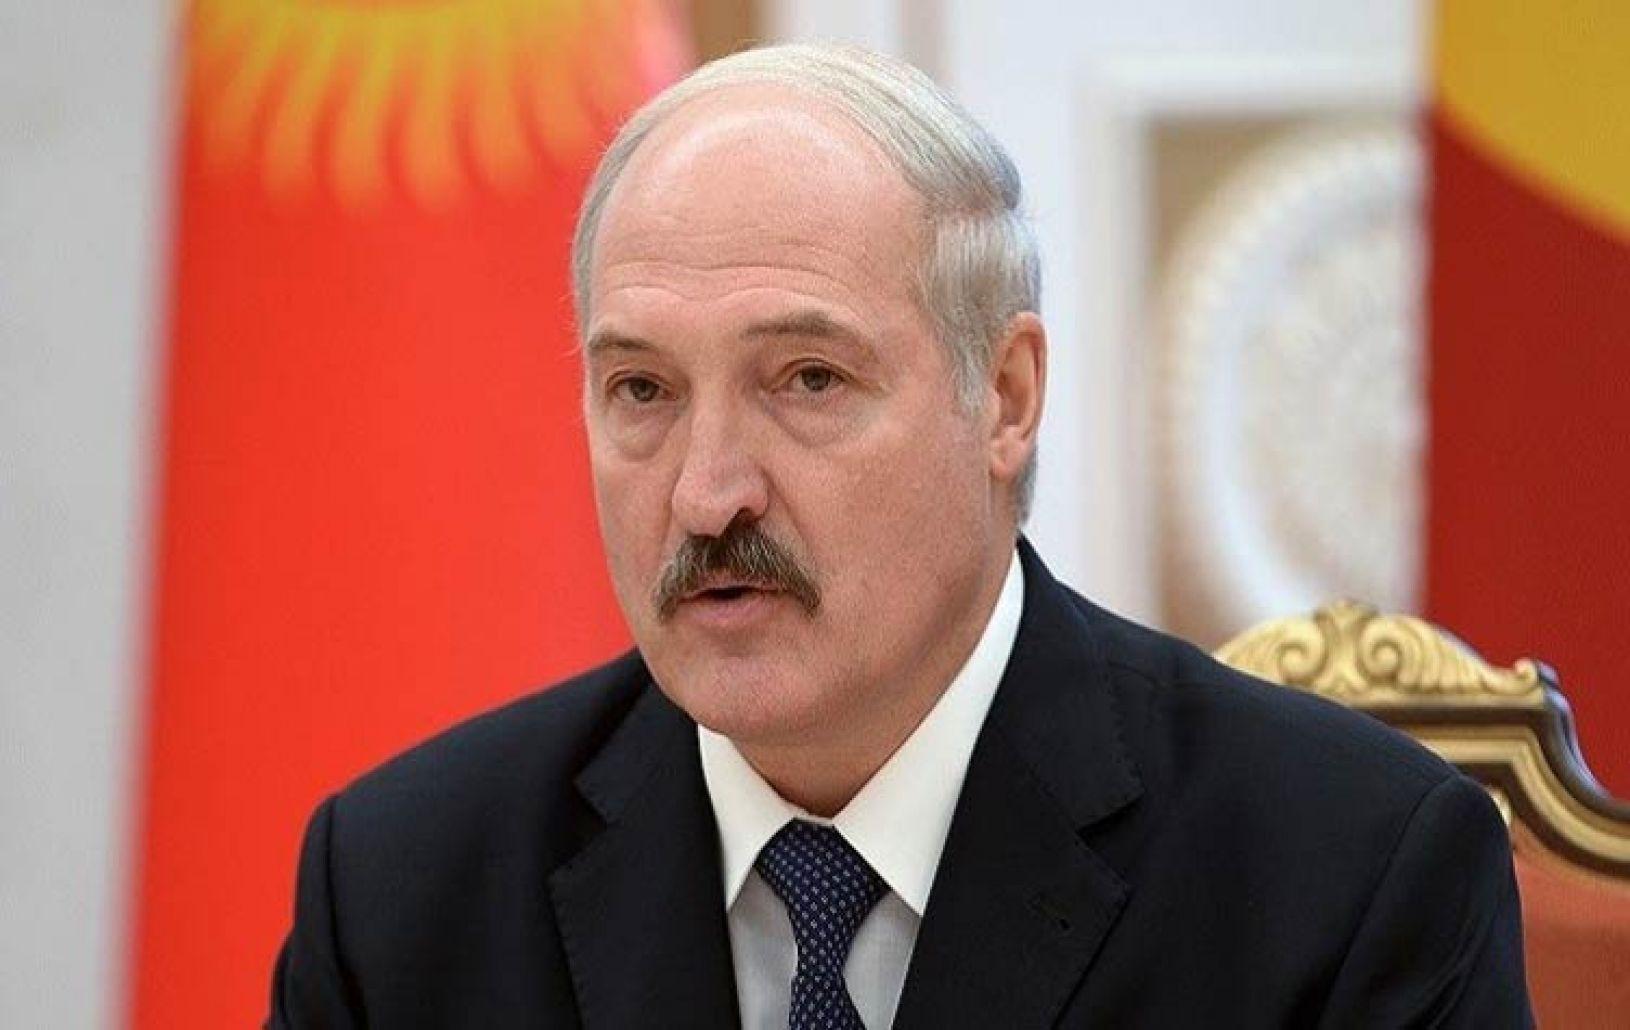 """الرئيس البيلاروسي يعدّ مواجهة المعارضة بصرامة """"مشروعة"""" 4"""